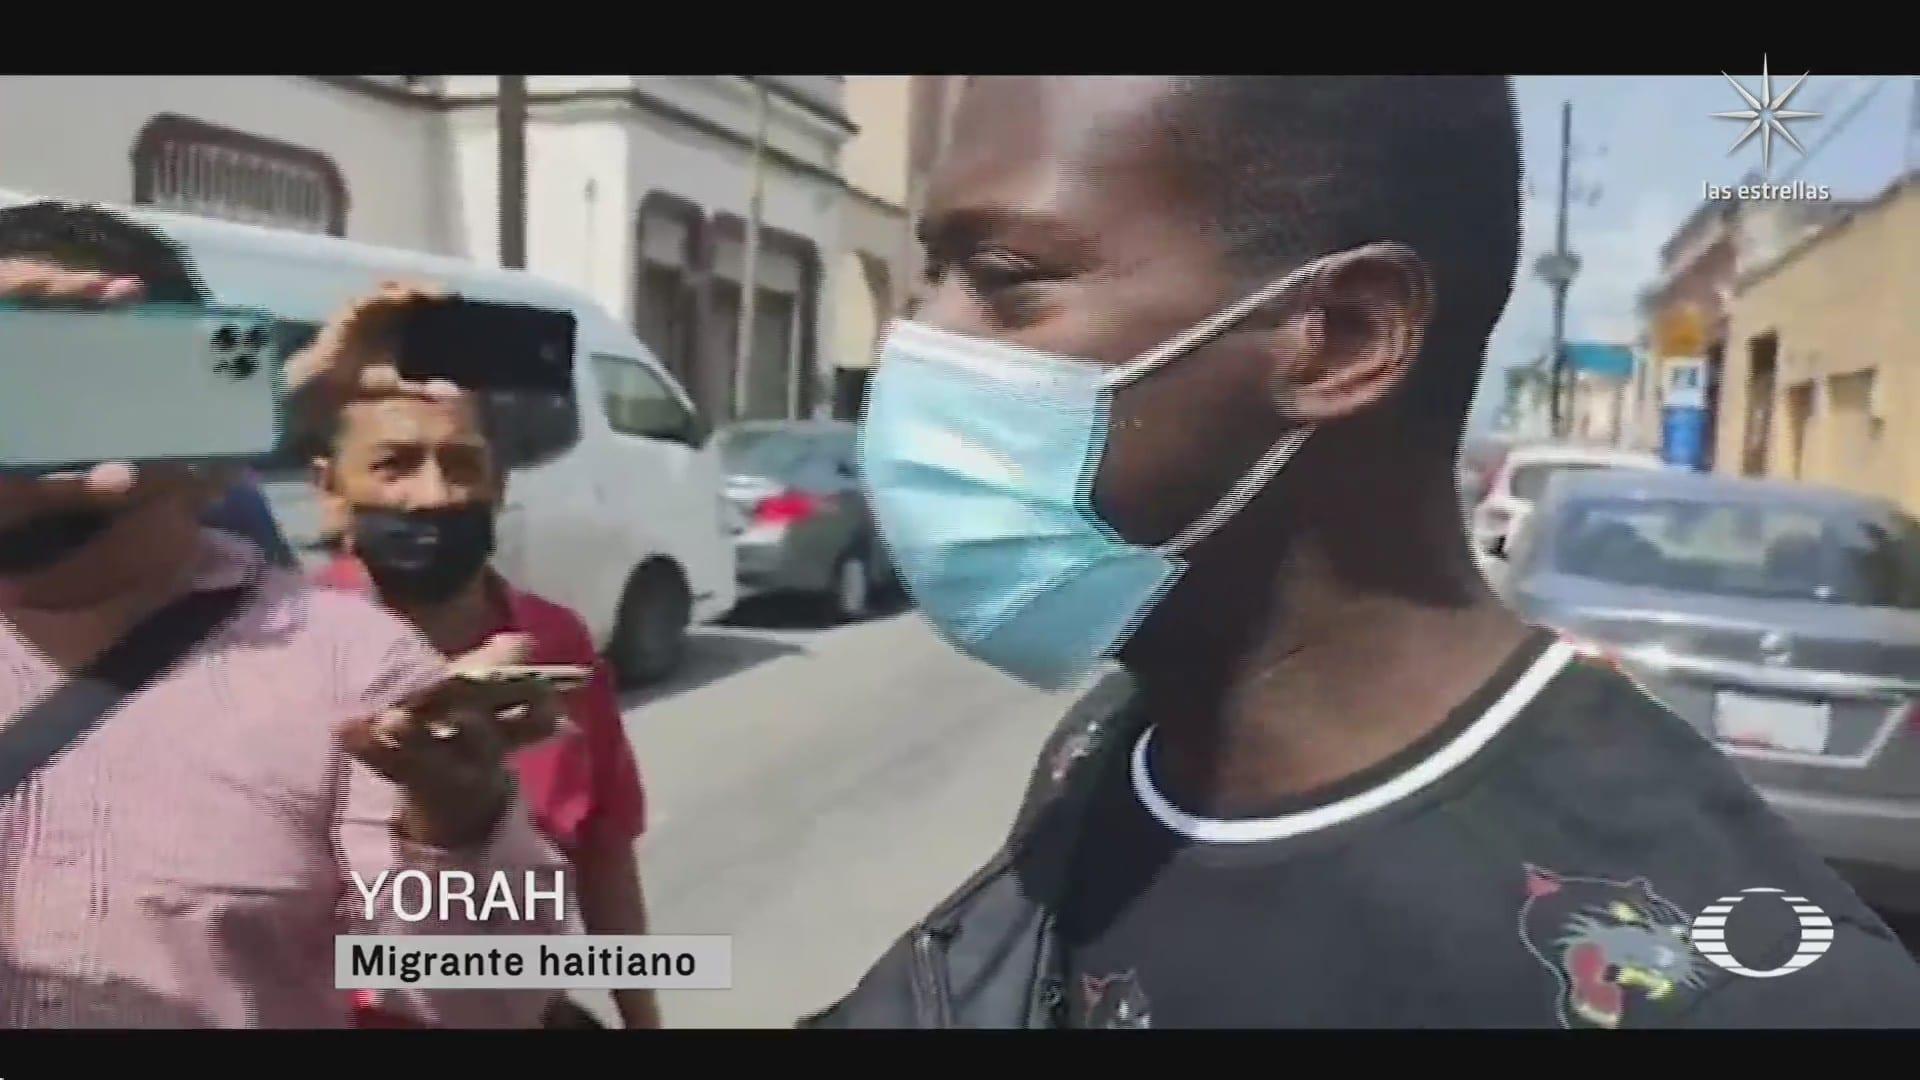 migrantes haitianos protestan en tampico tamaulipas